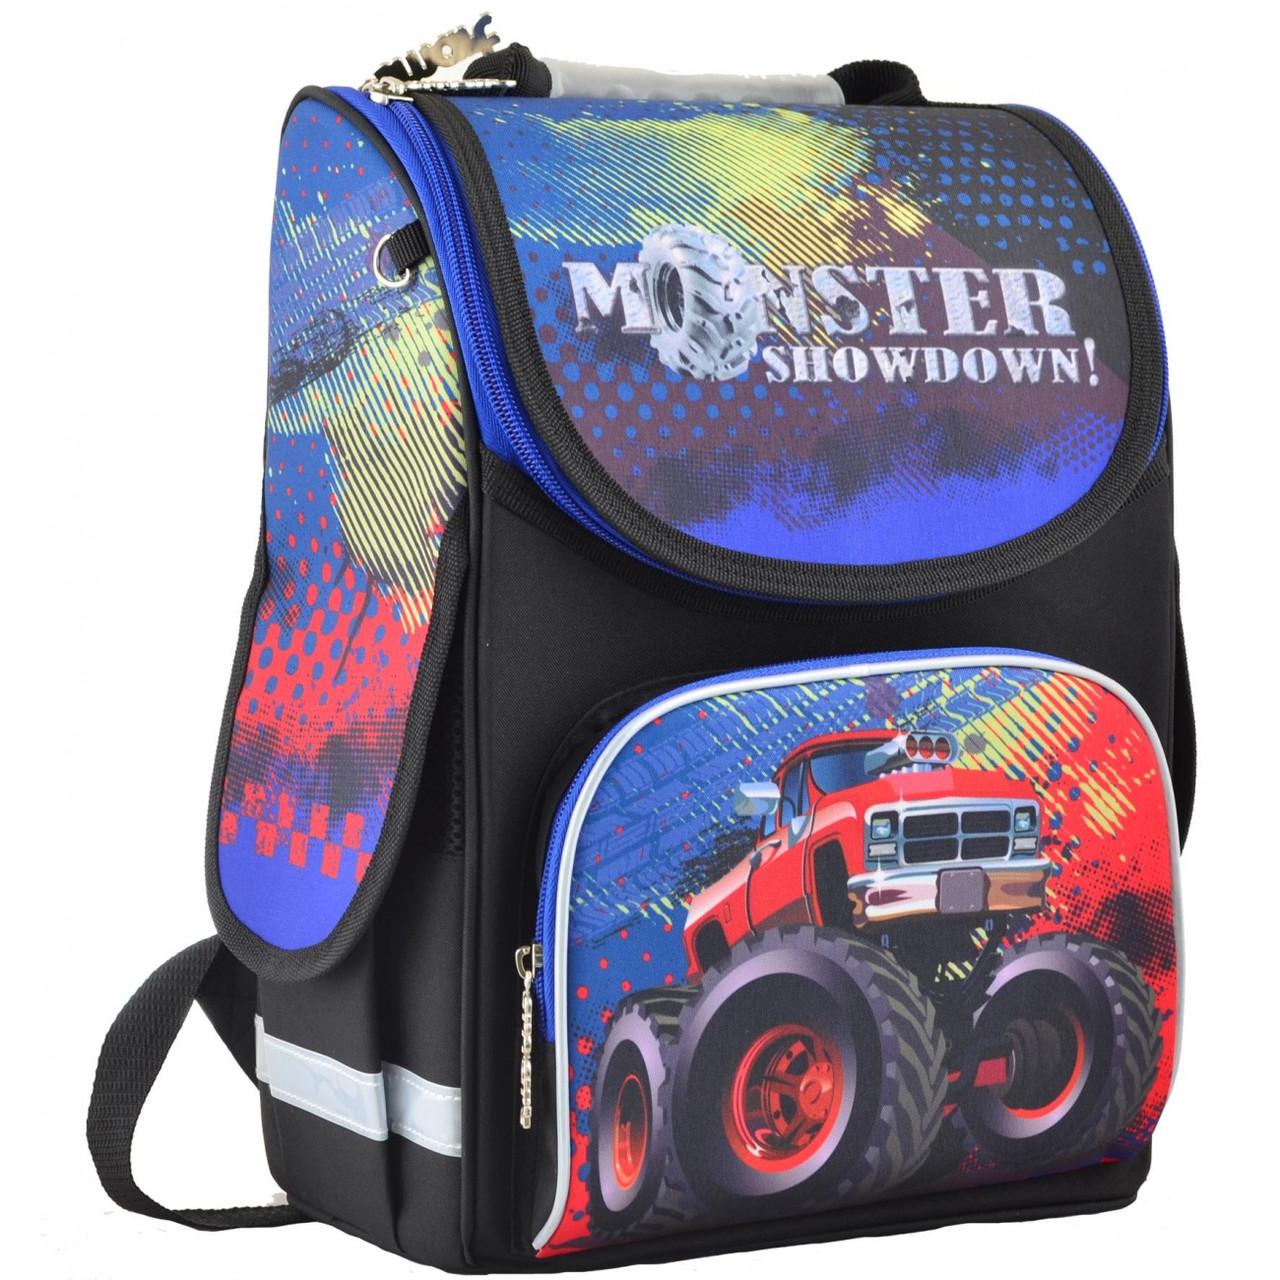 Рюкзак каркасный PG-11 Monster showdown, 34*26*14